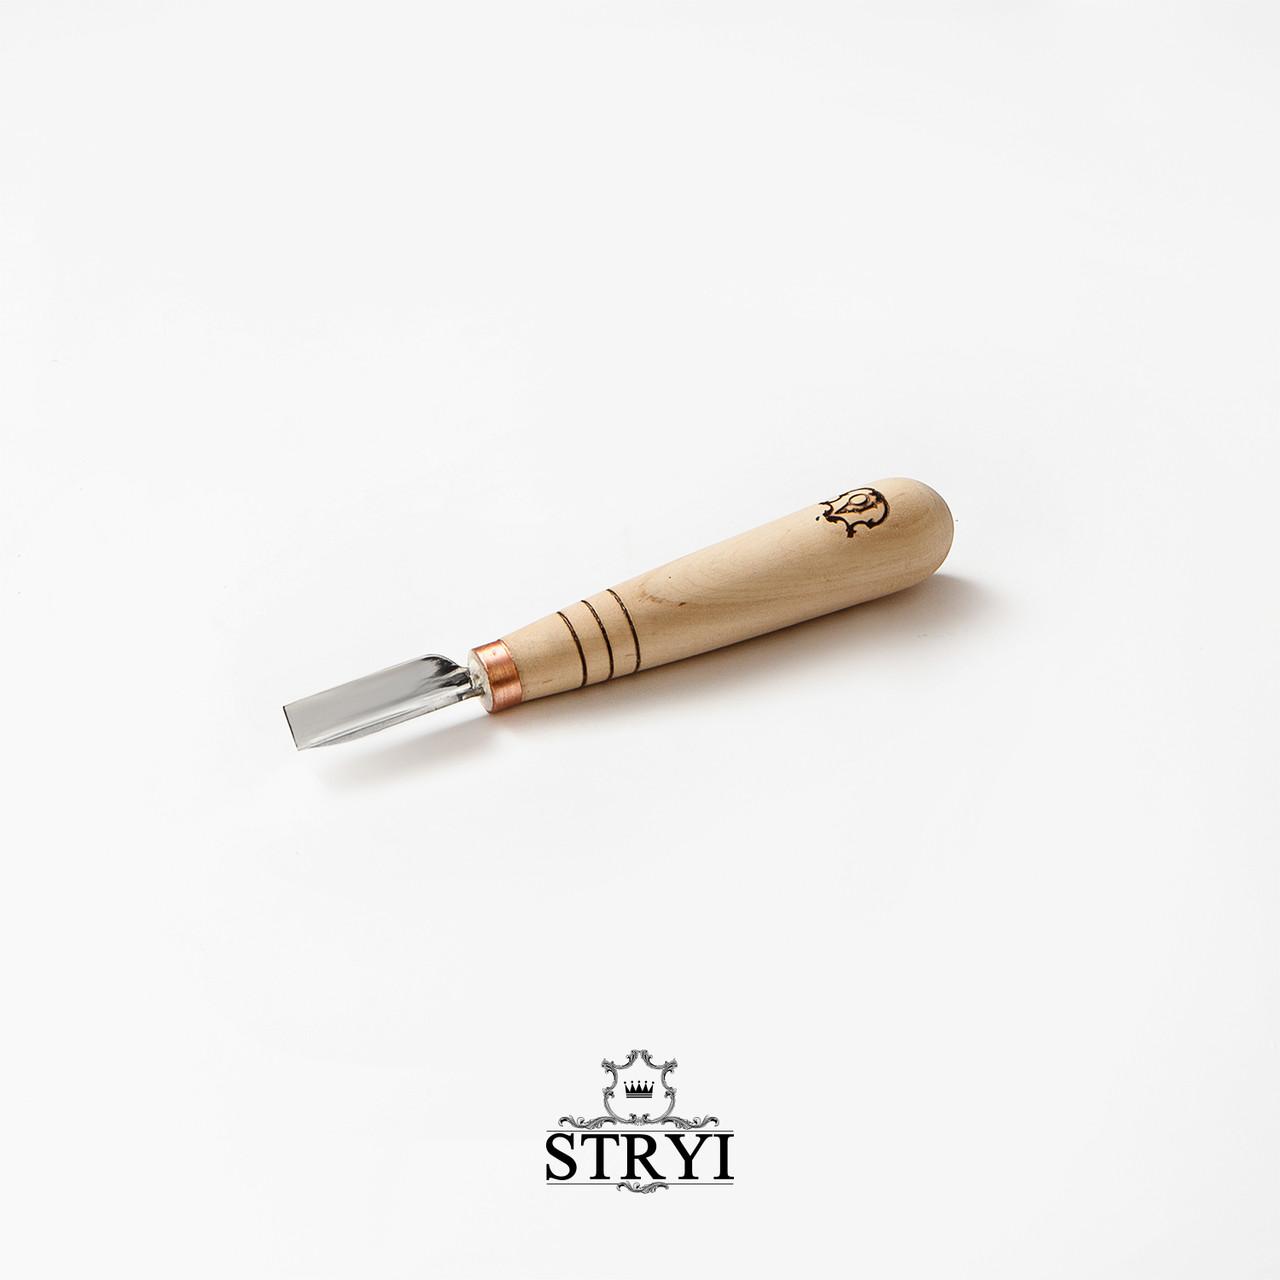 Угловой коротыш 10 мм, от производителя STRYI